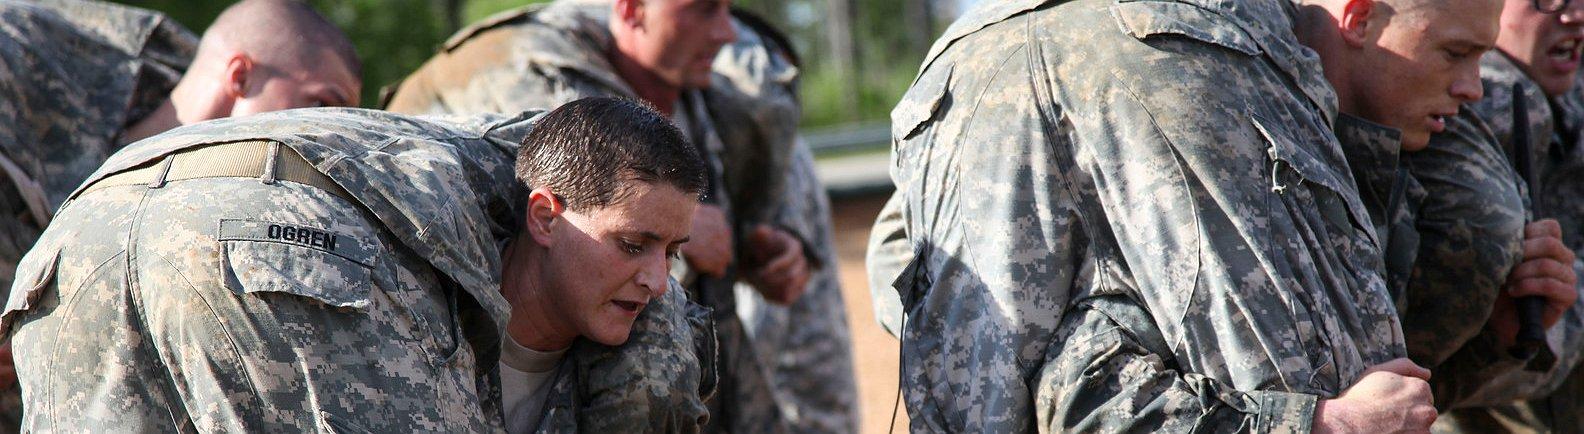 13 tácticas de las fuerzas especiales que te serán de gran utilidad en tu vida normal